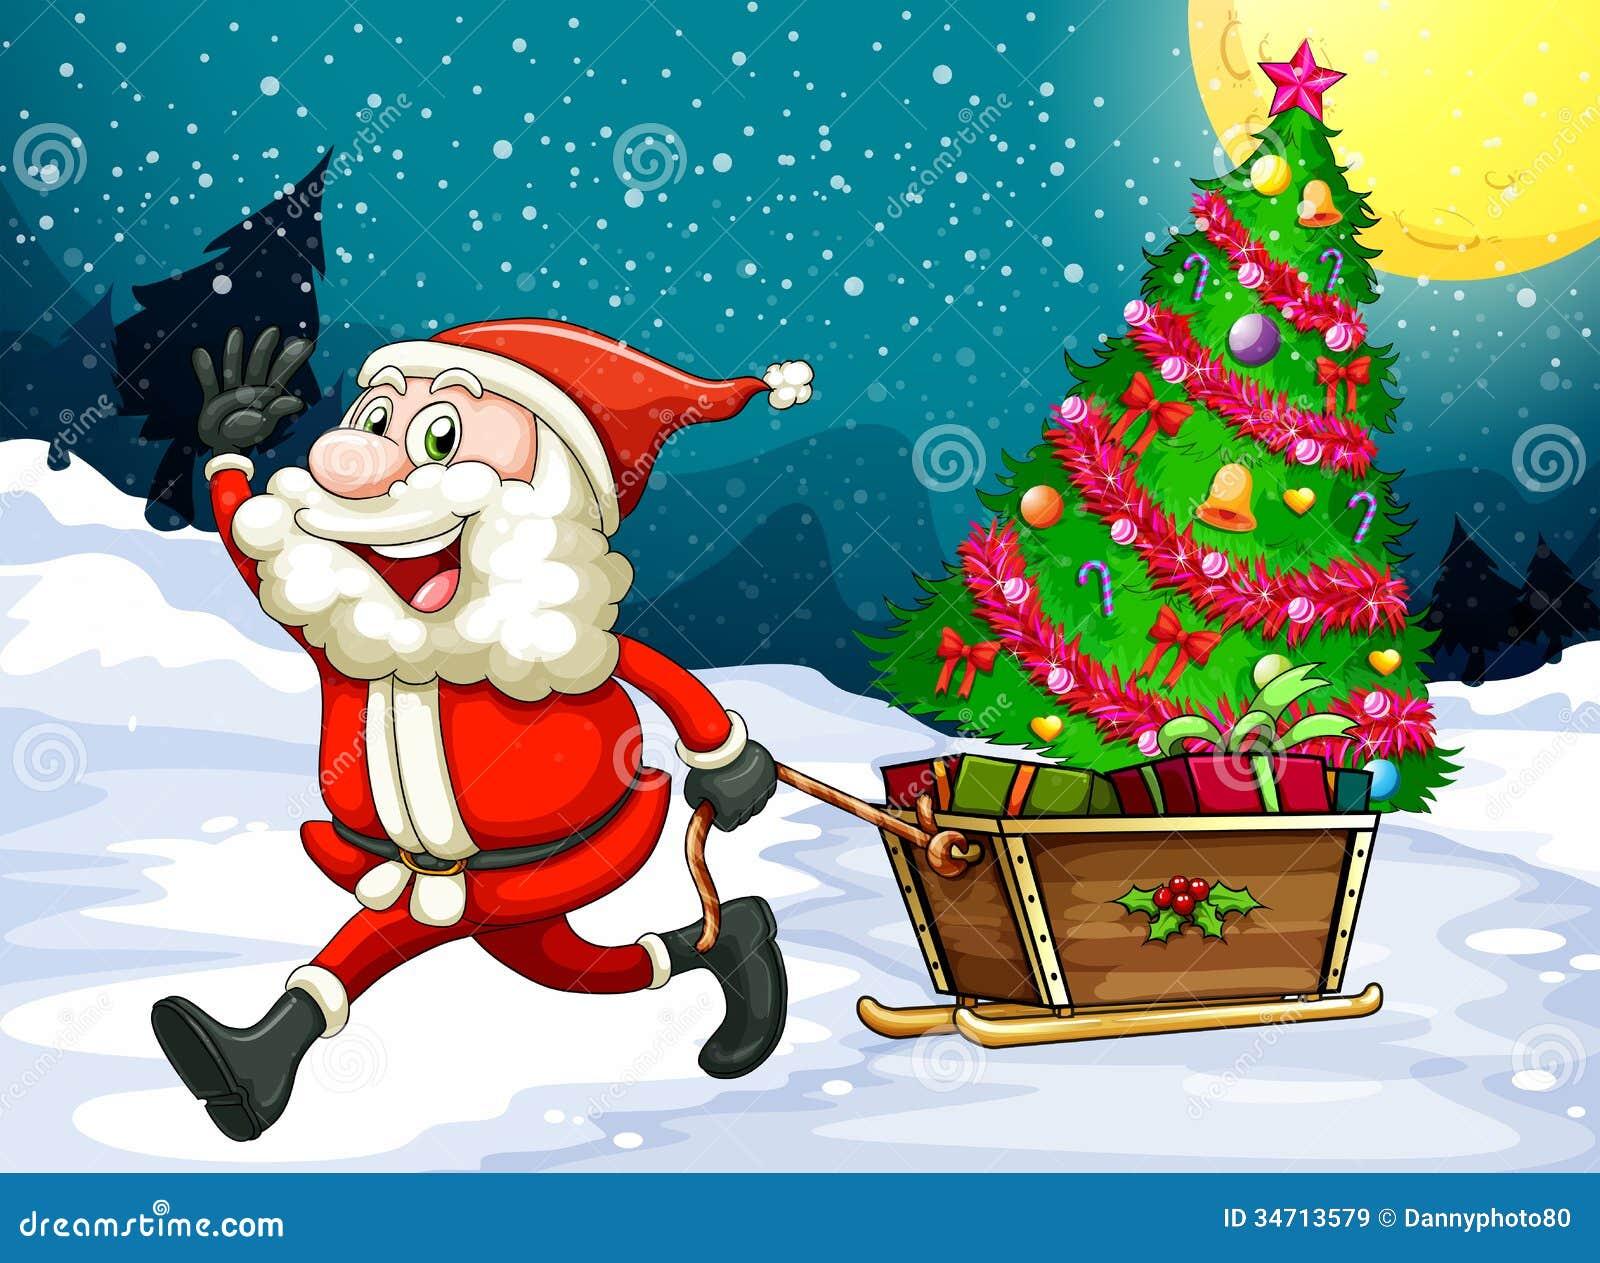 Imagenes De Papa Noel De Navidad.Papa Noel Feliz Que Tira Del Trineo Con Un Arbol De Navidad